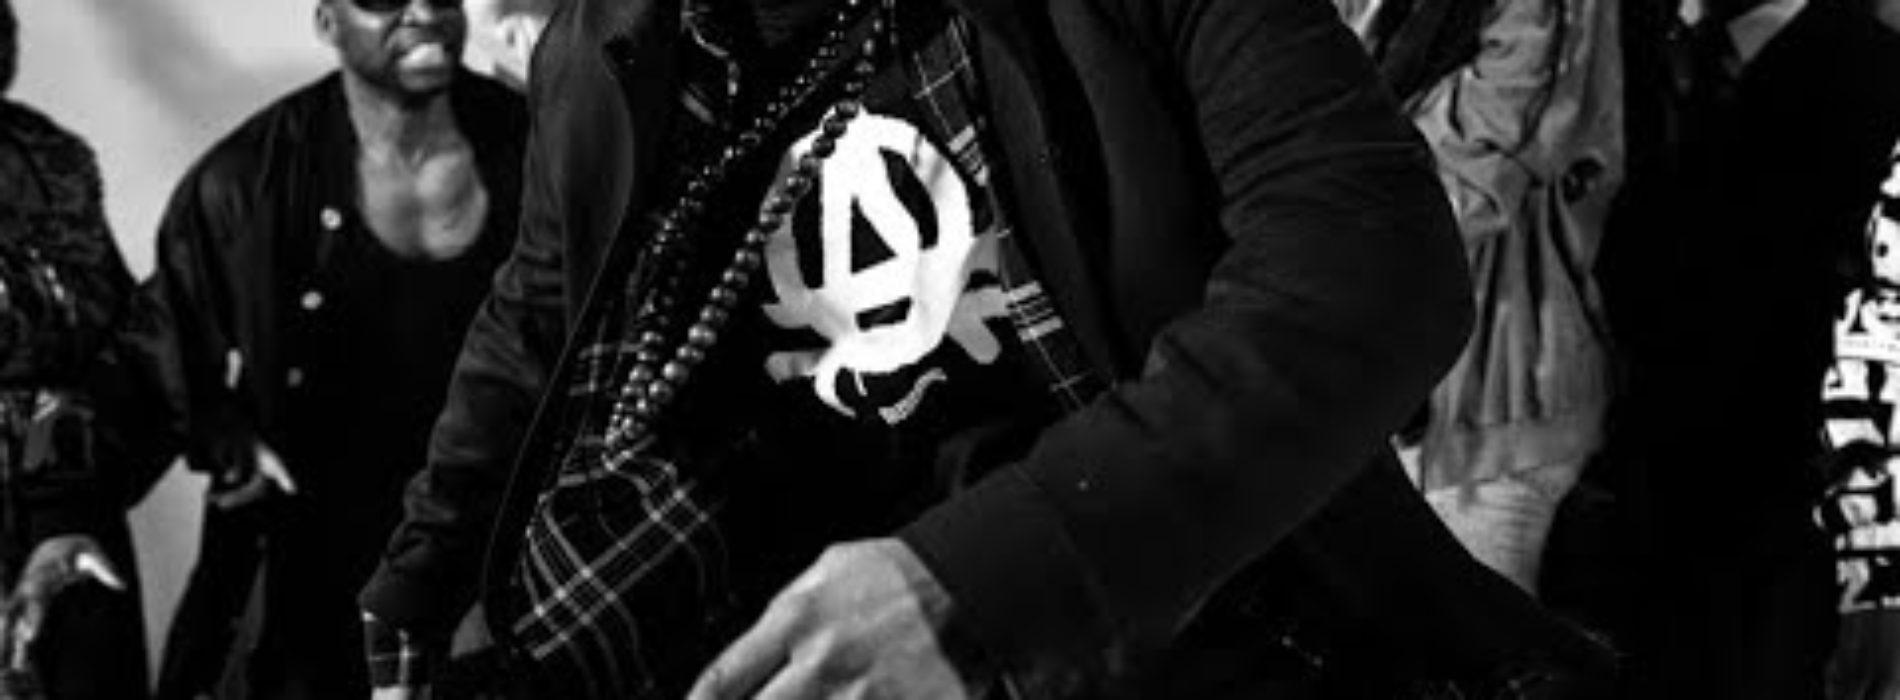 """Ausgang """"Chuck Berry""""- Casey  / Scred Connexion – Résiste encore / Mysa – Mortel / HILL. G – Hall of Fame (Clip Officiel) – Février 2020 – Rap Français ( Les années 90 sont de retour …)"""